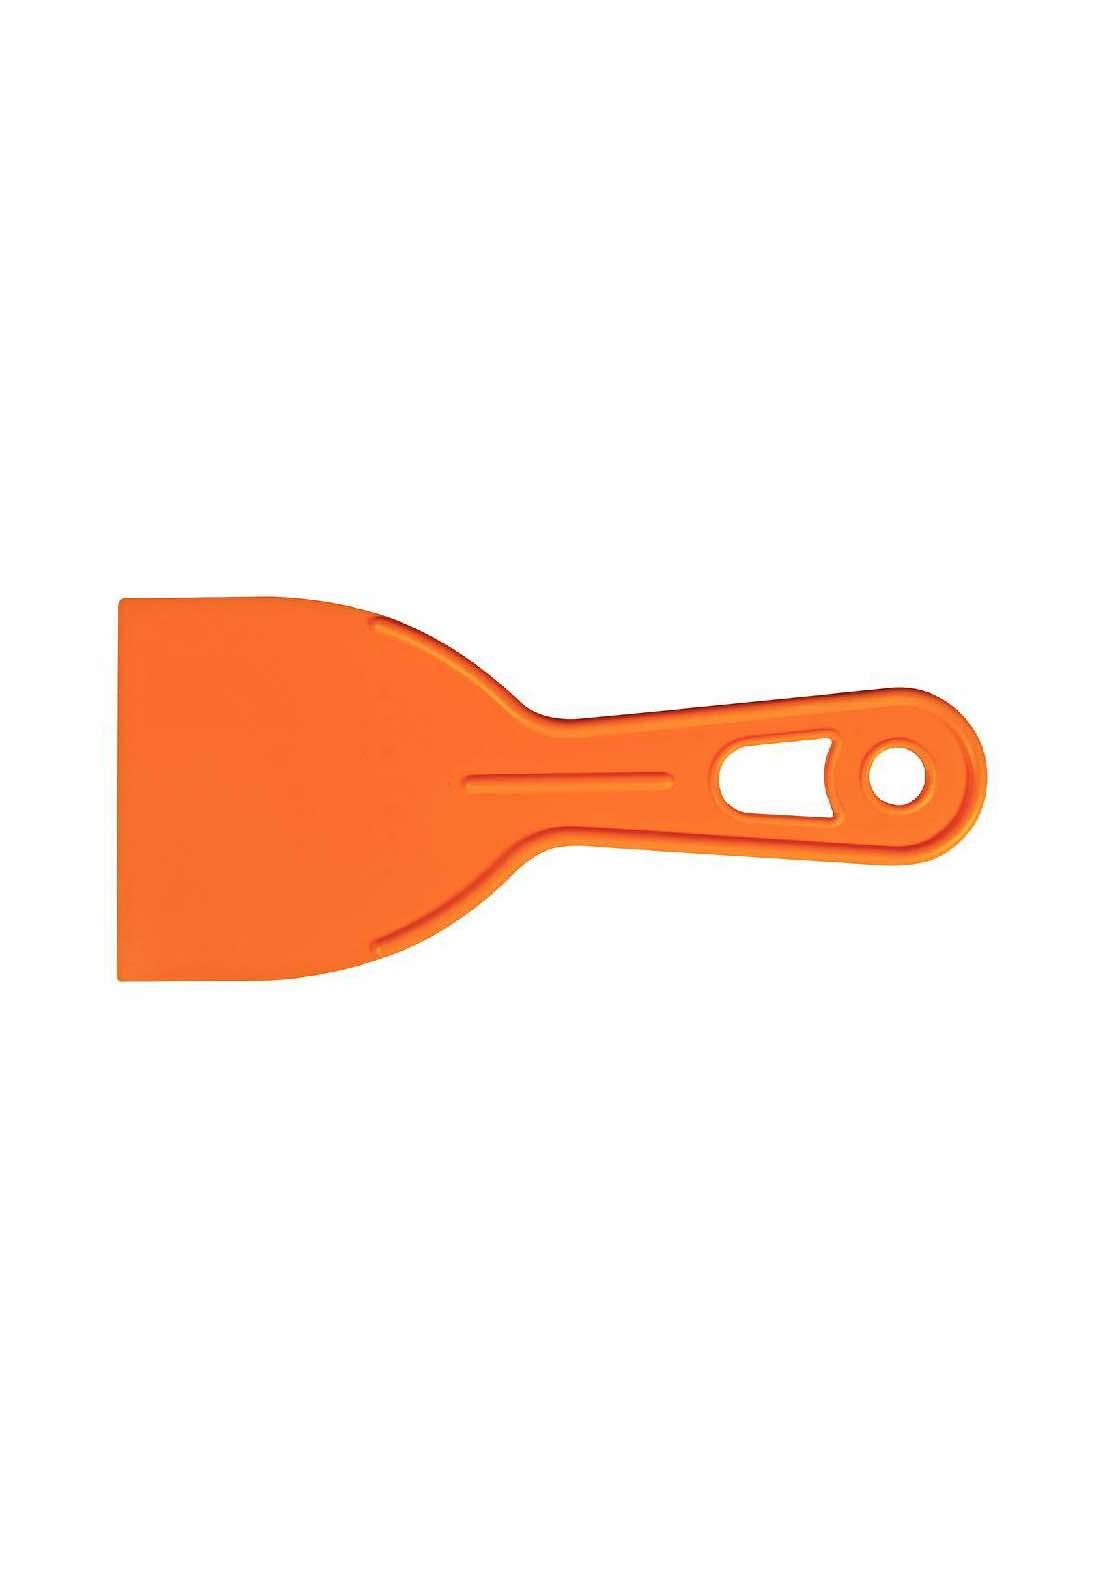 Tramontina 77398/101Soft plastic spoon 10 cm شفرة بلاستيك 10سم